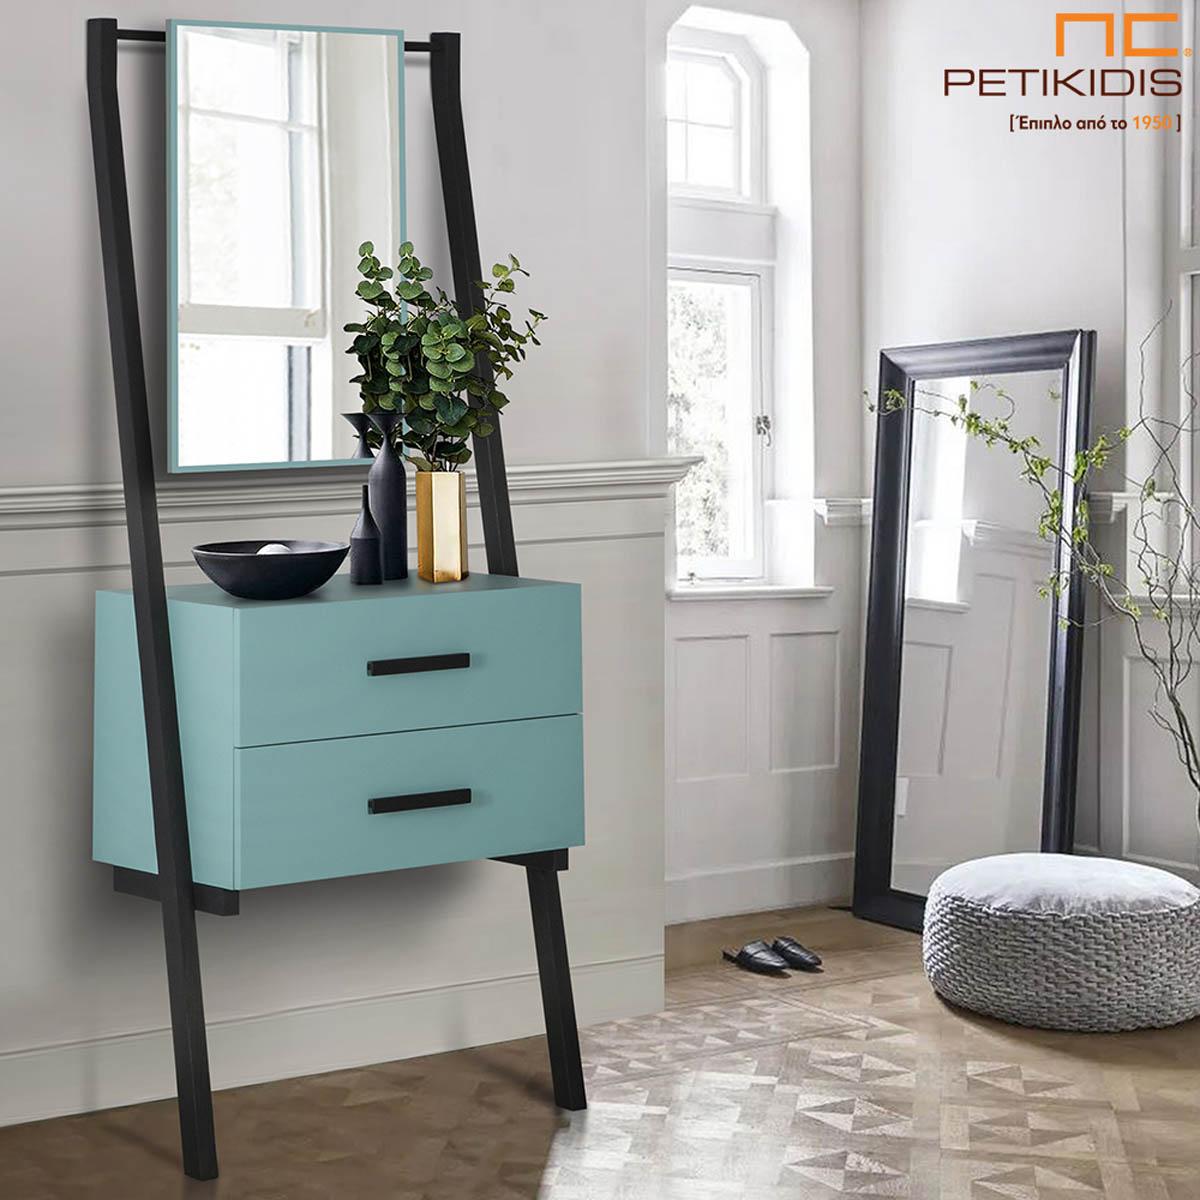 Έπιπλο εισόδου, κονσόλα Bruce από ξύλο και λάκα. Διαθέτει δυο συρτάρια και καθρέπτη. Ένα «εύκολο» μικροέπιπλο που μπορεί να τοποθετηθεί στην είσοδο του σπιτιού, στο καθιστικό και στην κρεβατοκάμαρα.